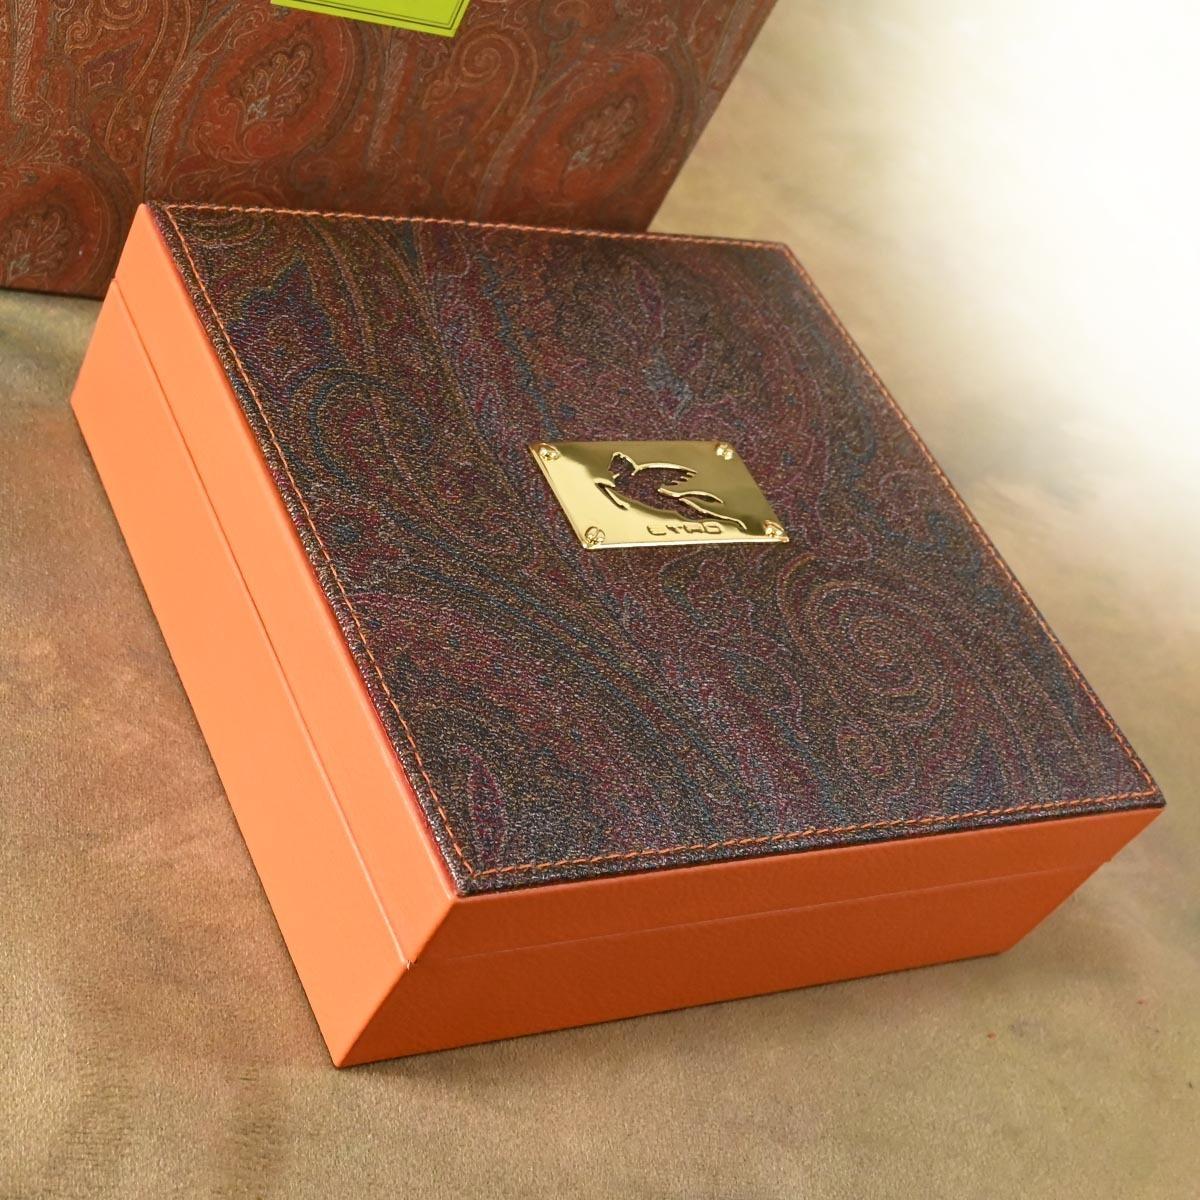 本物 新品 エトロ 極希少 4×3 ペガソプレート ペイズリー ジュエリーボックス 宝石箱 アクセサリーケース キャリングバッグ 保存箱付 ETRO_画像2